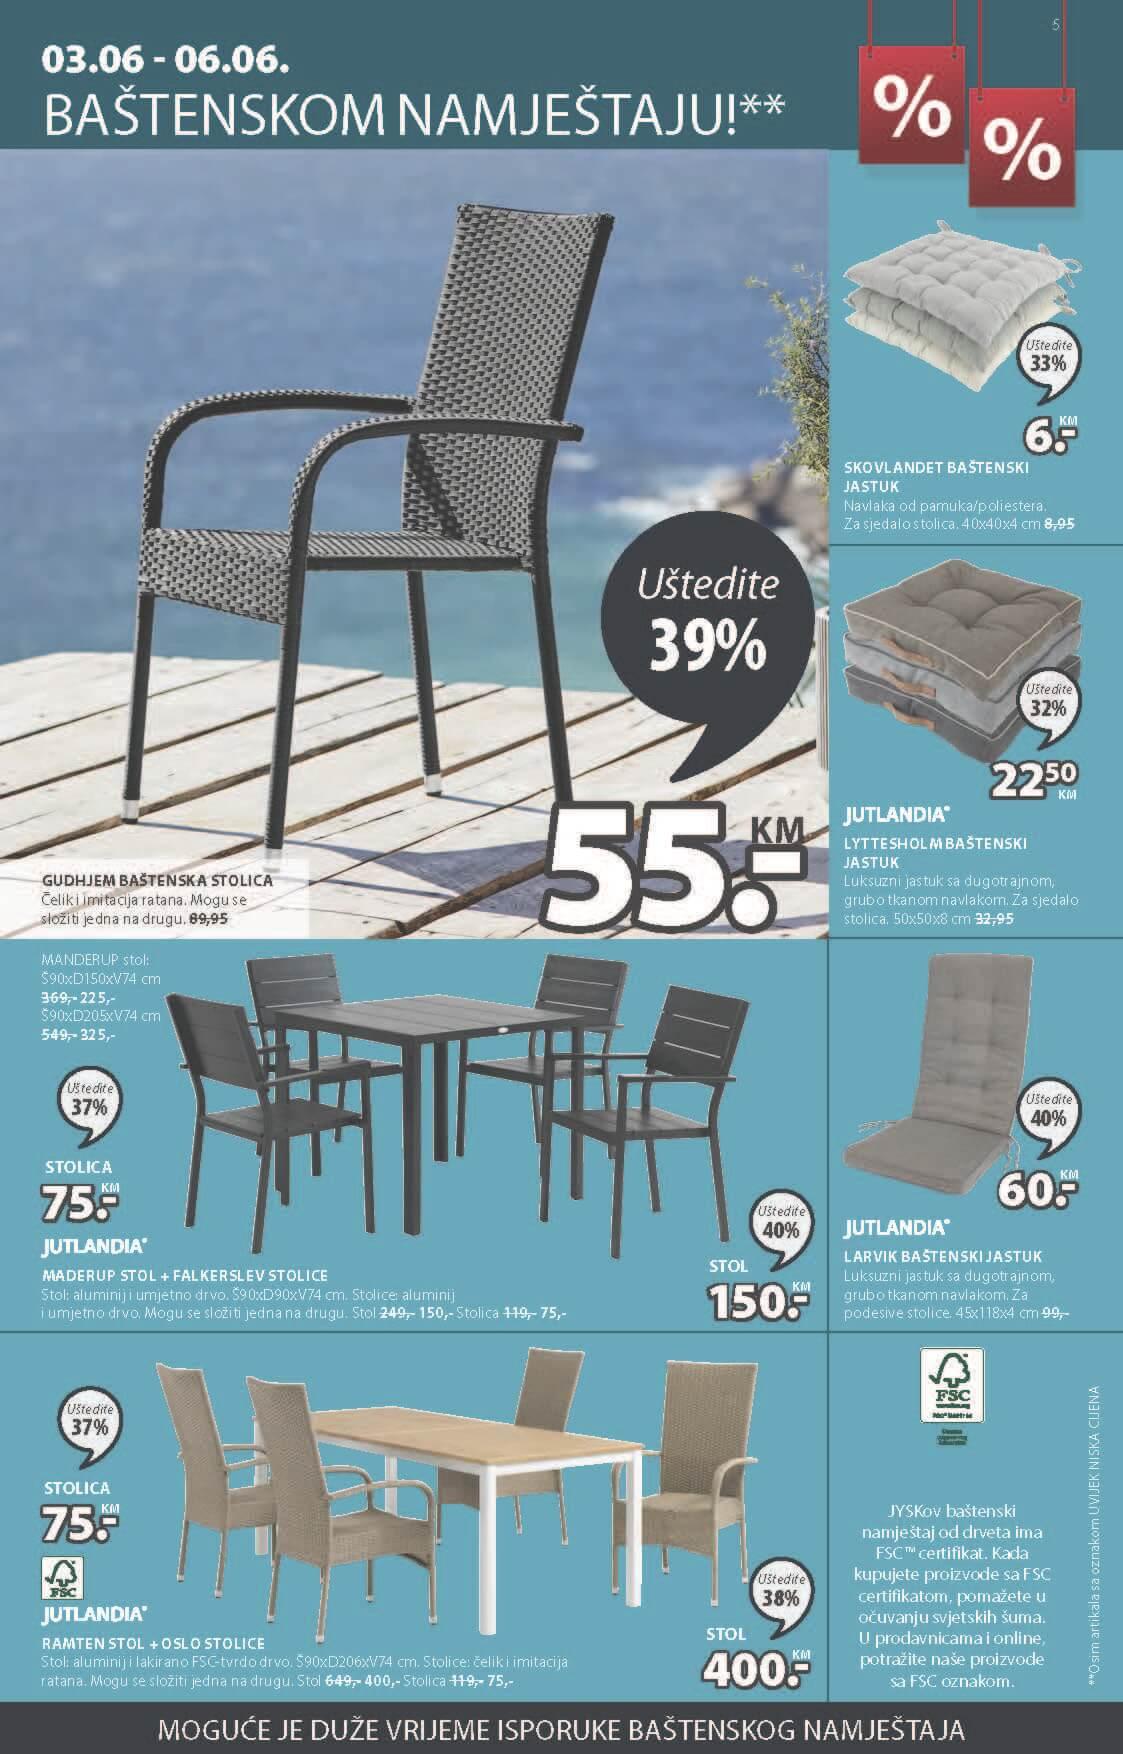 JYSK Katalog Akcijska rasprodaja JUN 2021 03.06. 16.06 eKatalozi.com PR Page 06